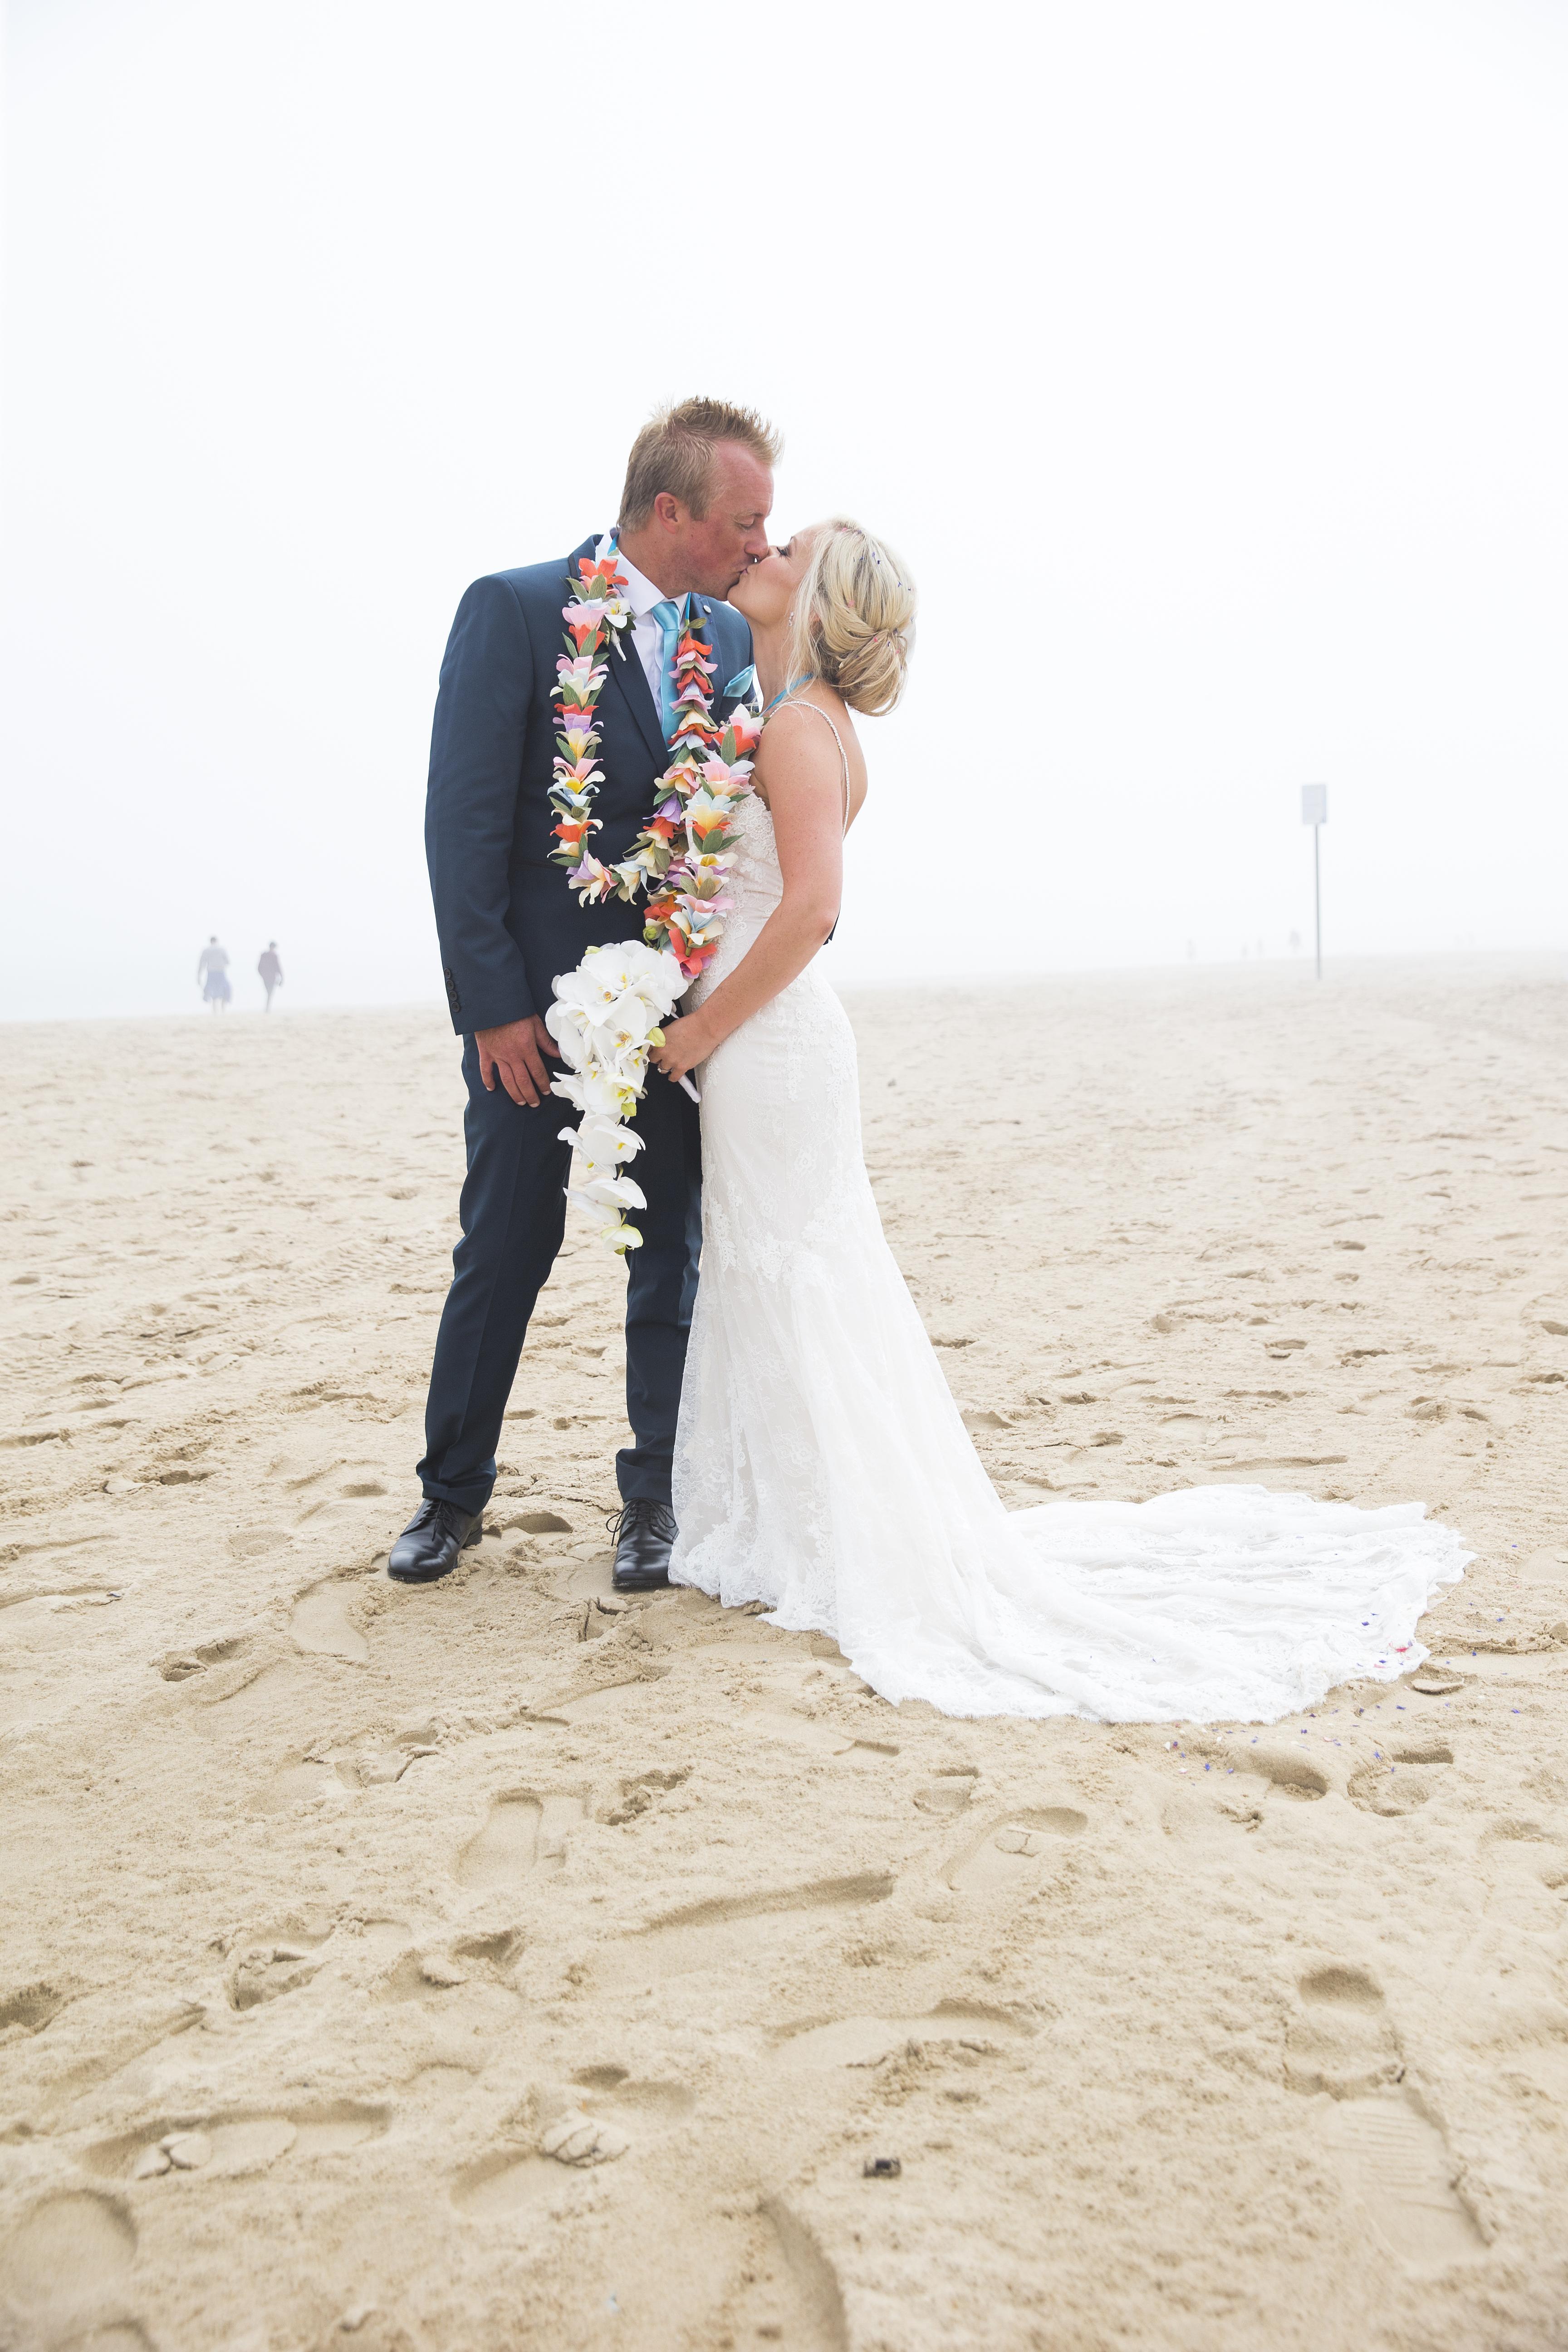 wedding flowers, paper flowers, real wedding, flower garlands, paper flower garlands, paper flower lei